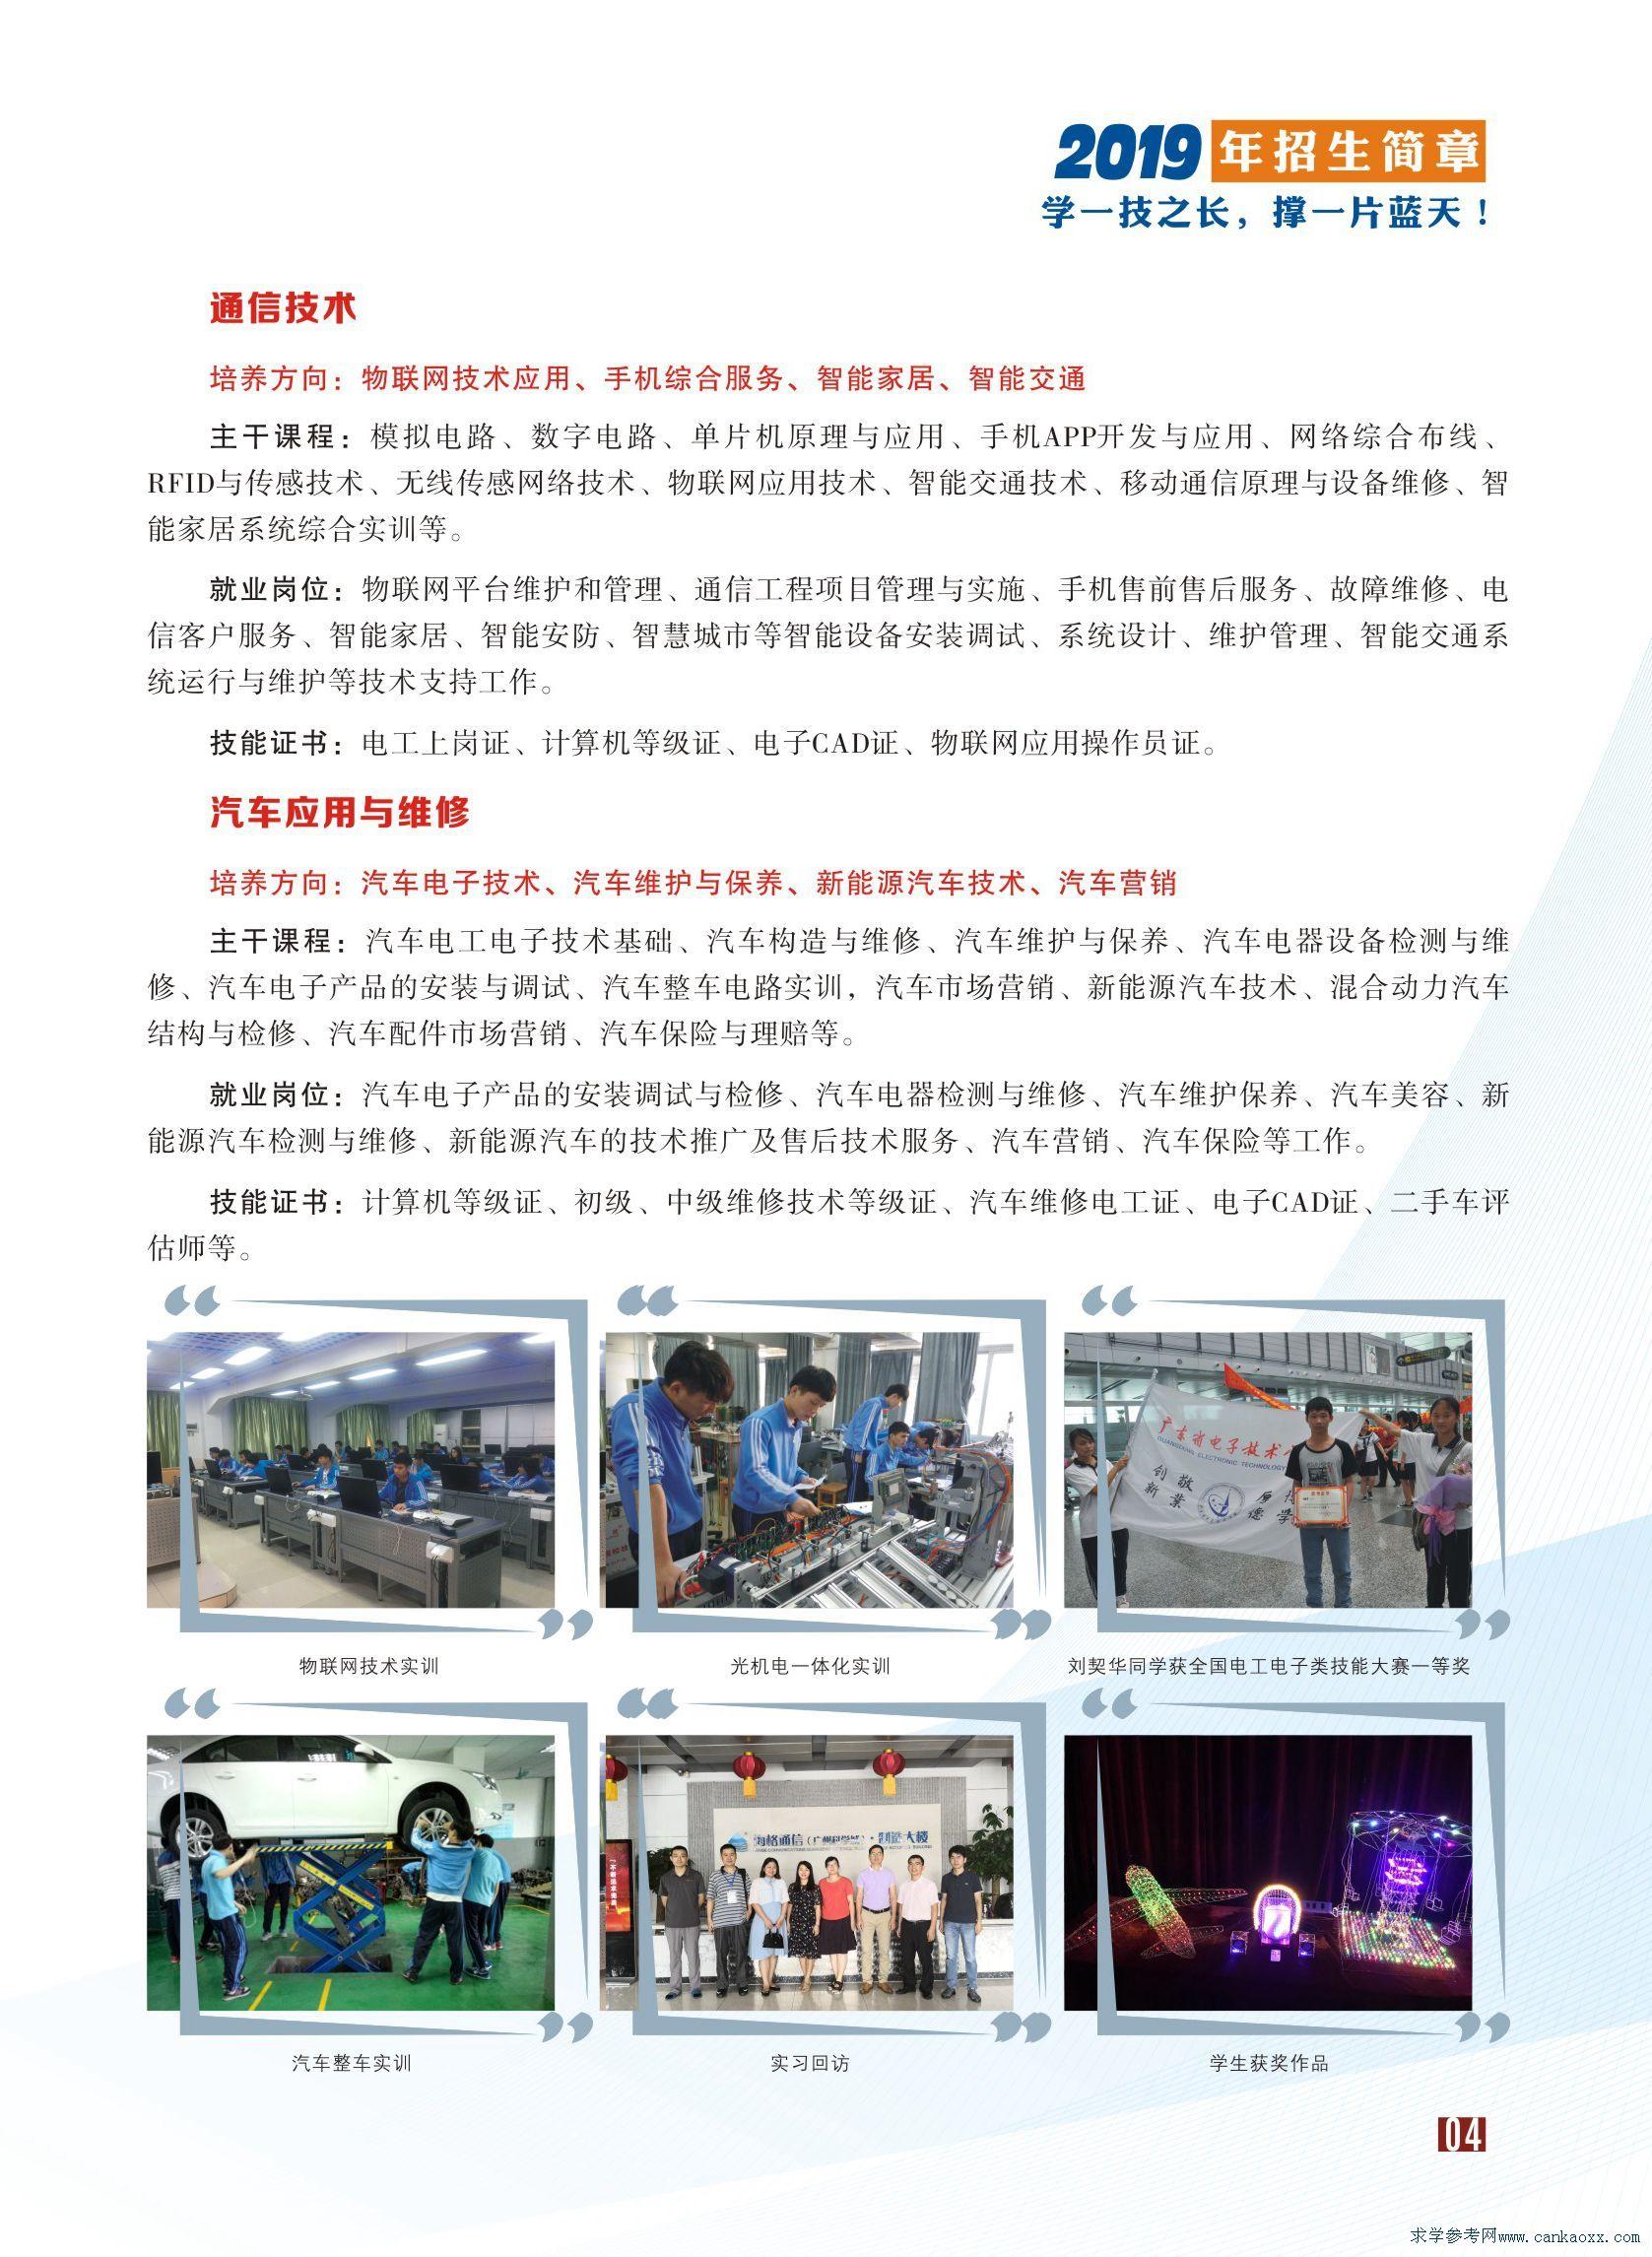 2019广东电子职业技术学校招生简章(图)(5)